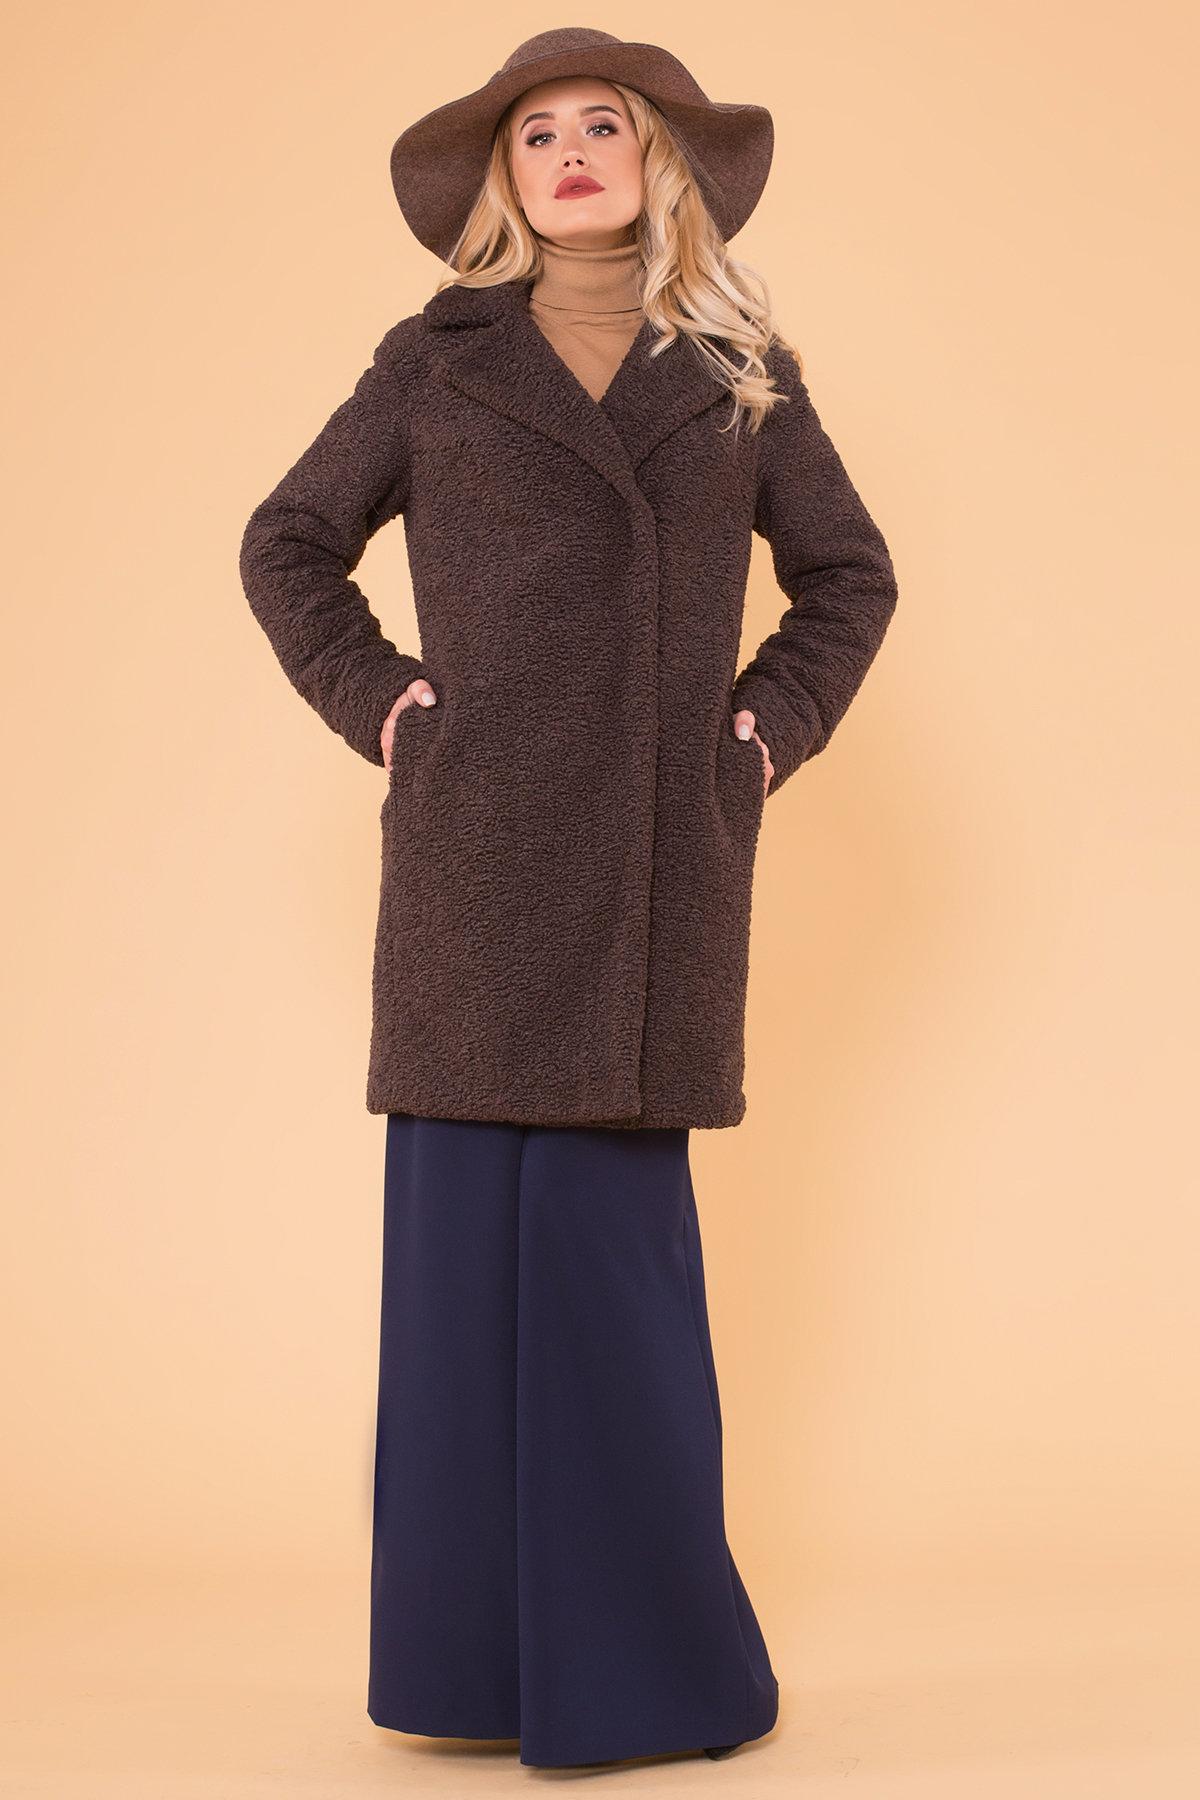 Пальто меховое зима Приора 6011 АРТ. 40971 Цвет: Шоколад - фото 1, интернет магазин tm-modus.ru